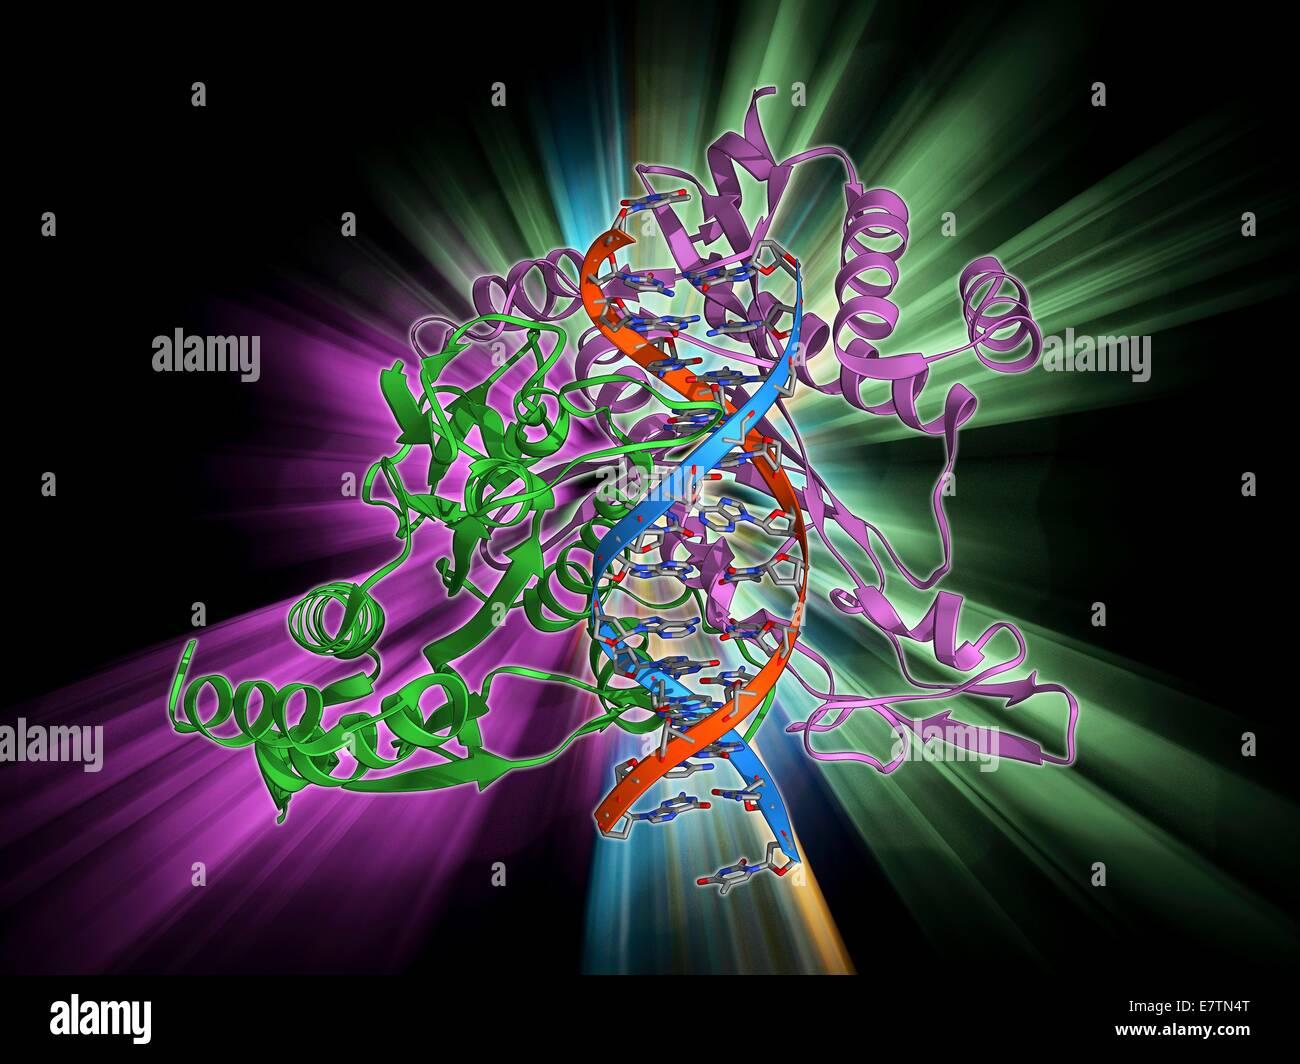 L'enzyme de restriction et de l'ADN. Le modèle moléculaire montrant une endonucléase enzyme Photo Stock